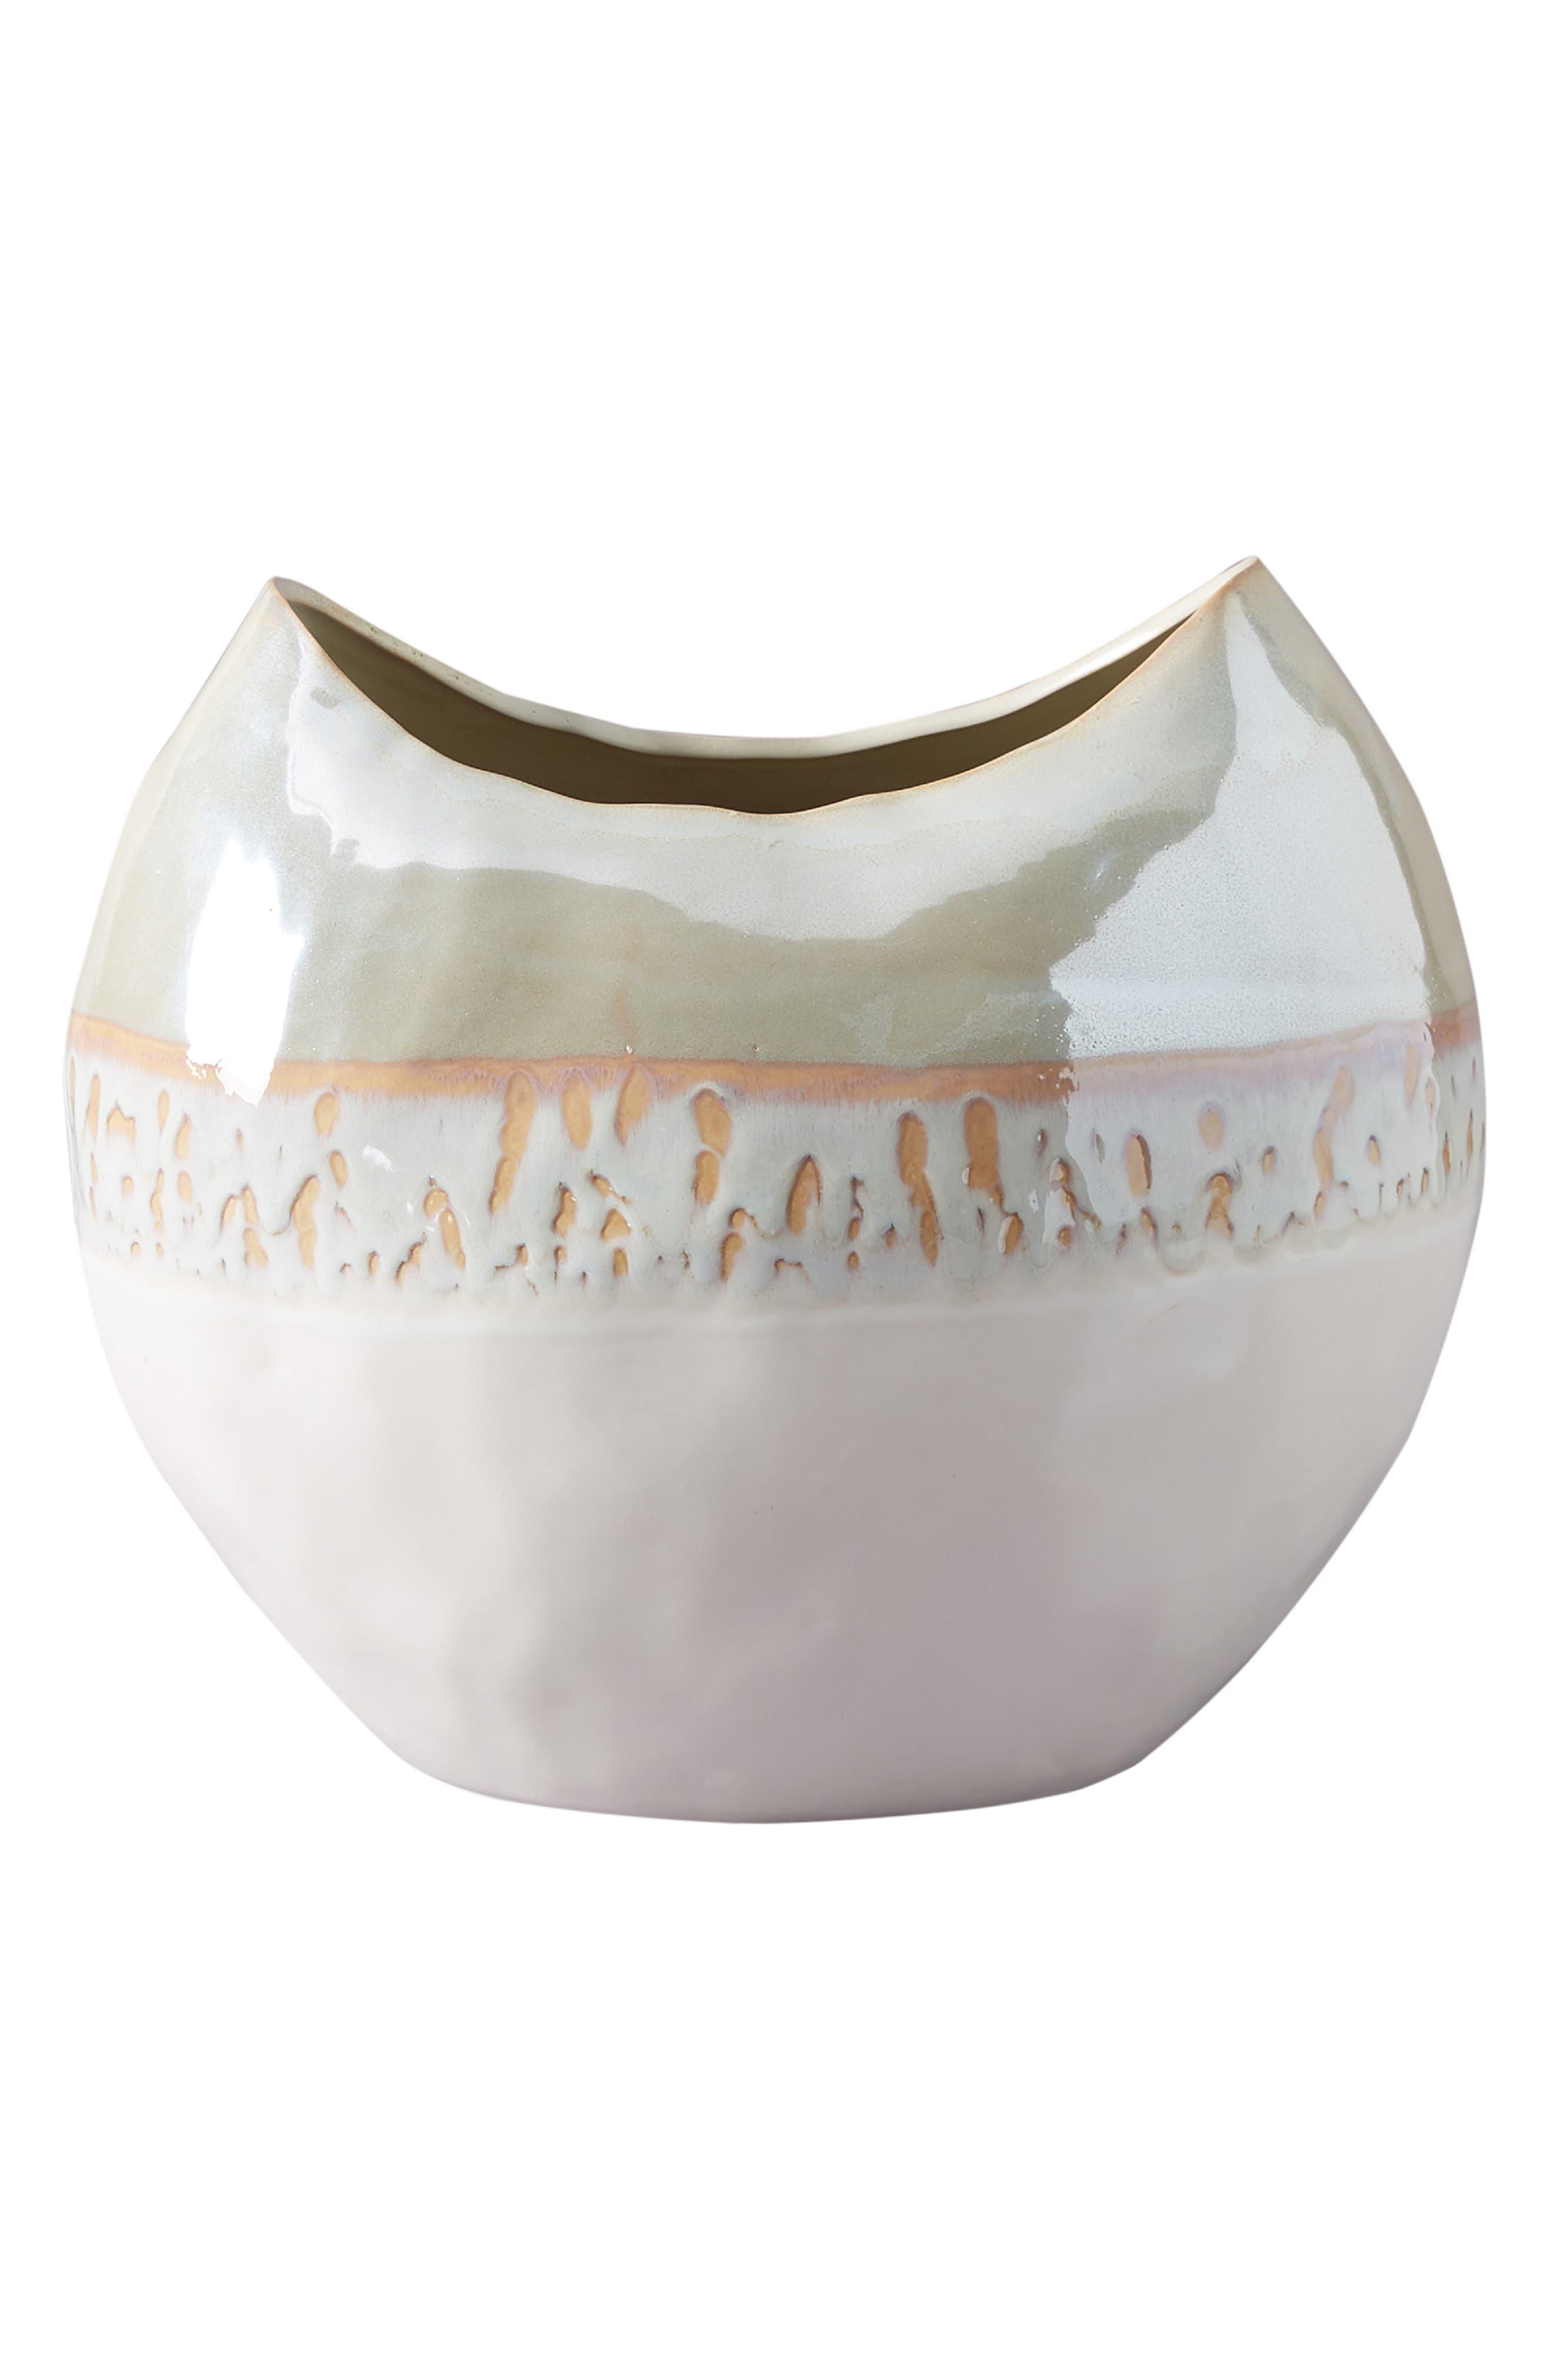 Crescent Moon Vase,                             Alternate thumbnail 4, color,                             WHITE LUSTER